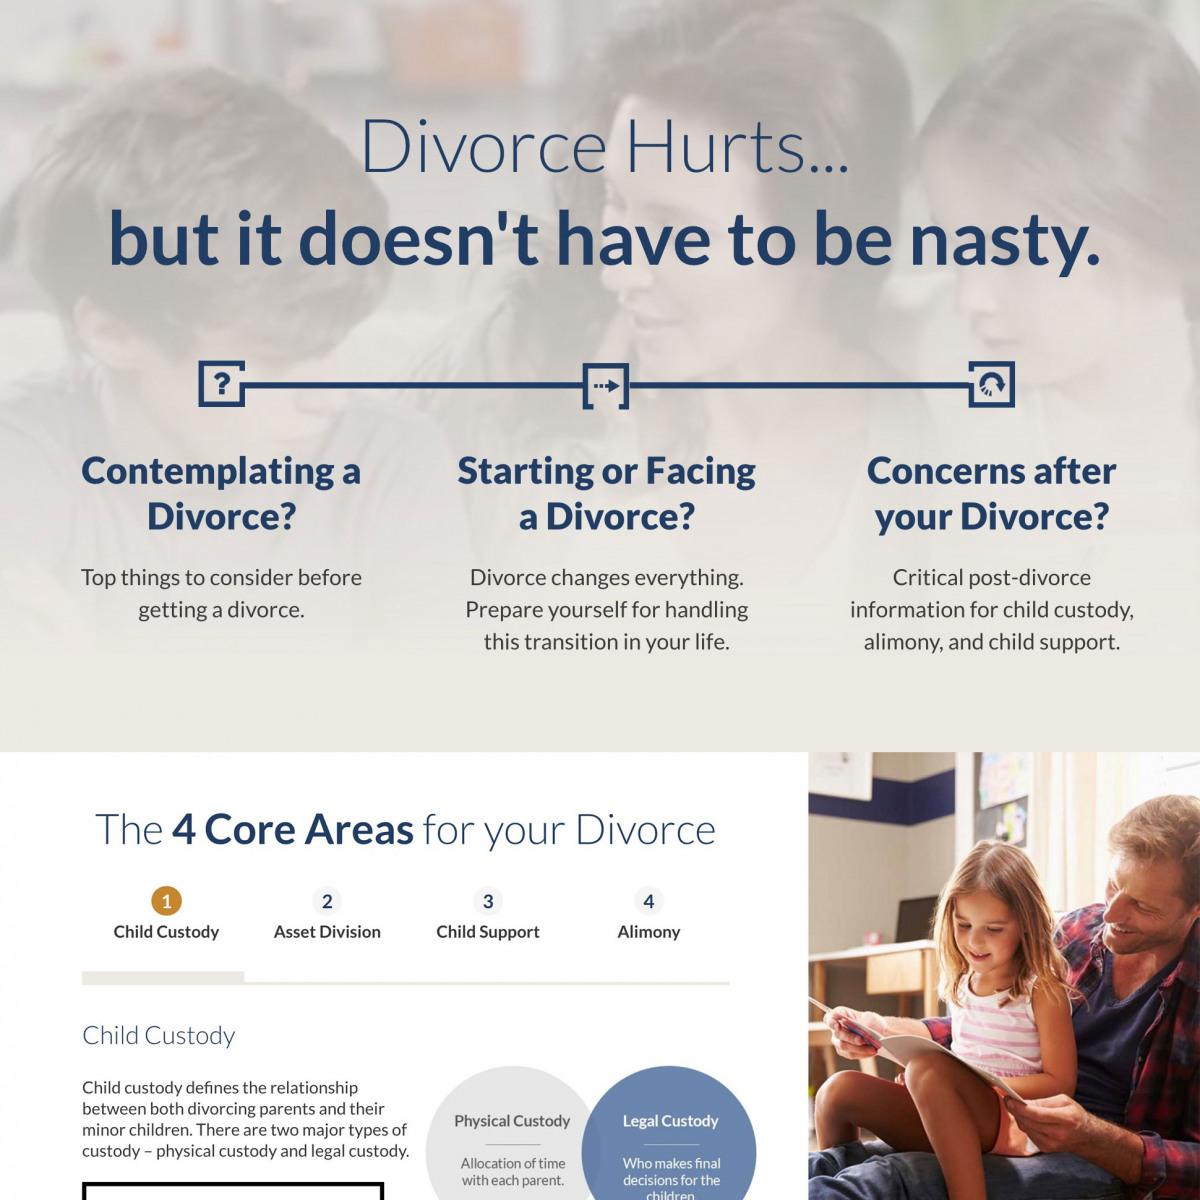 Image of website for Meriwether & Tharp